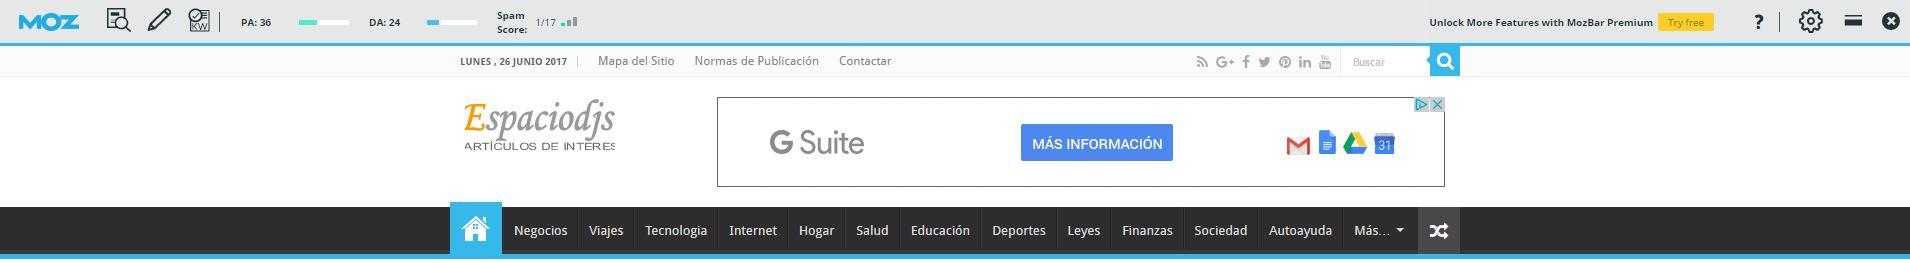 Autoridad que muestra la toolbar de Moz para SpacioDjs.